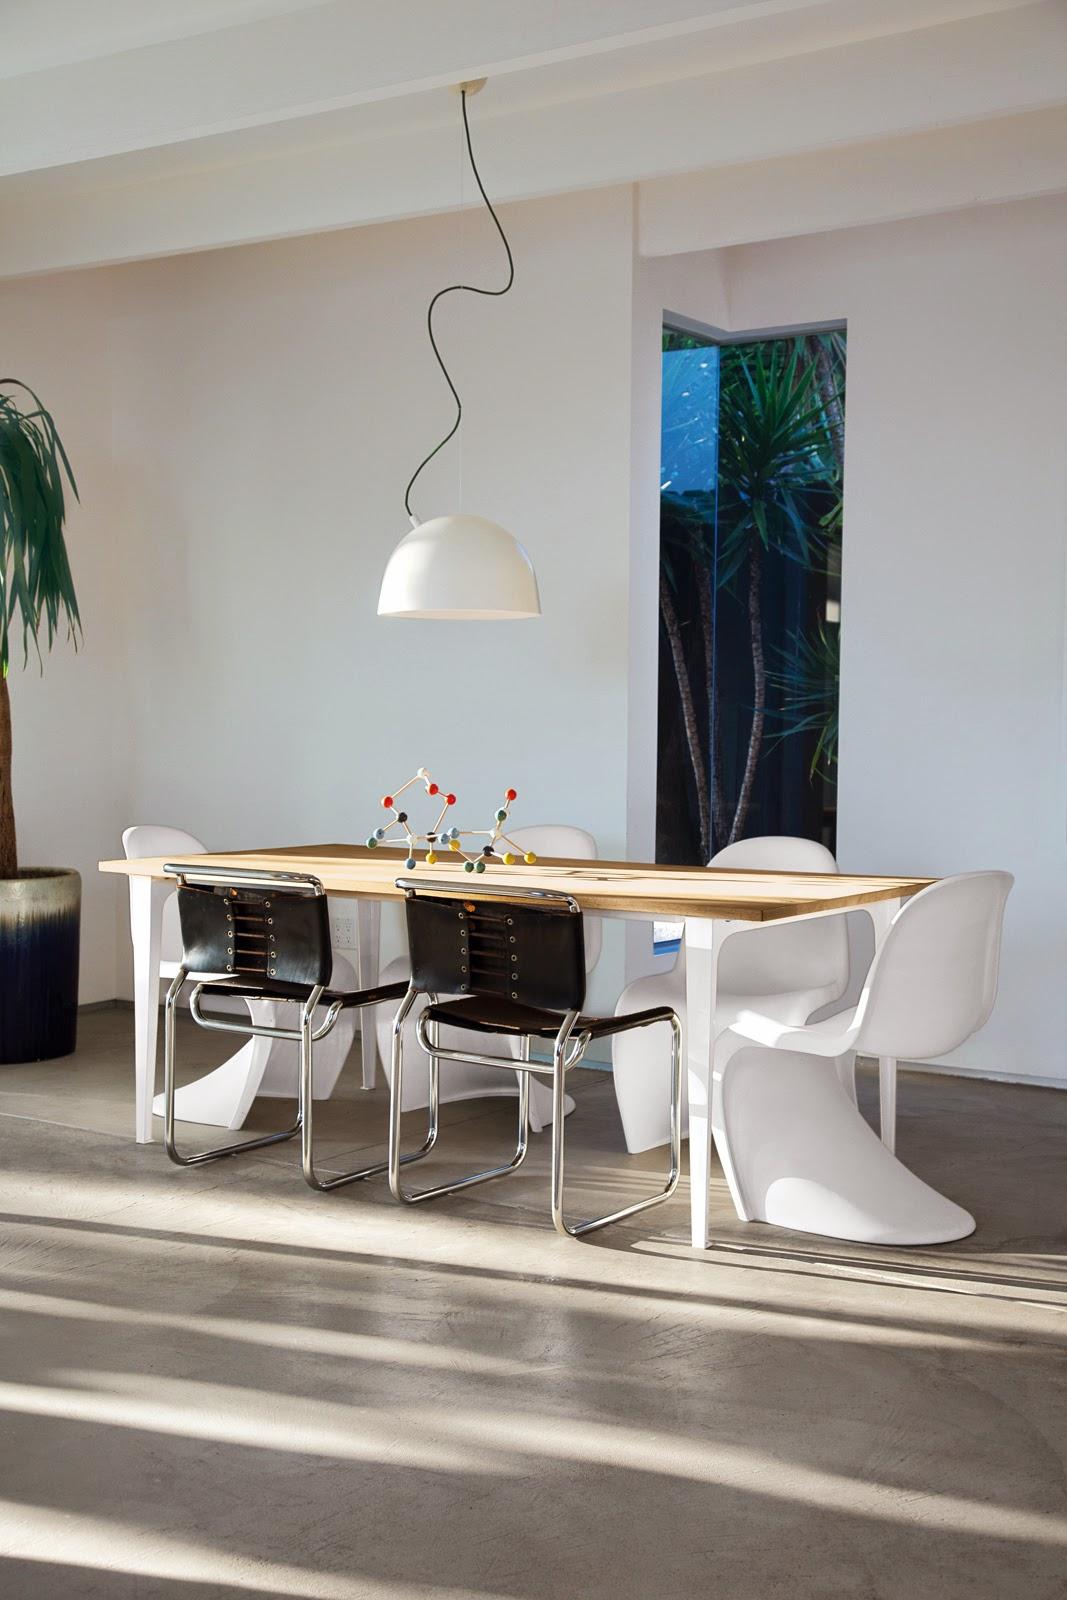 Case Study House in modernem Design mit Designklassiker und Kunst zum entspannten Wohnen